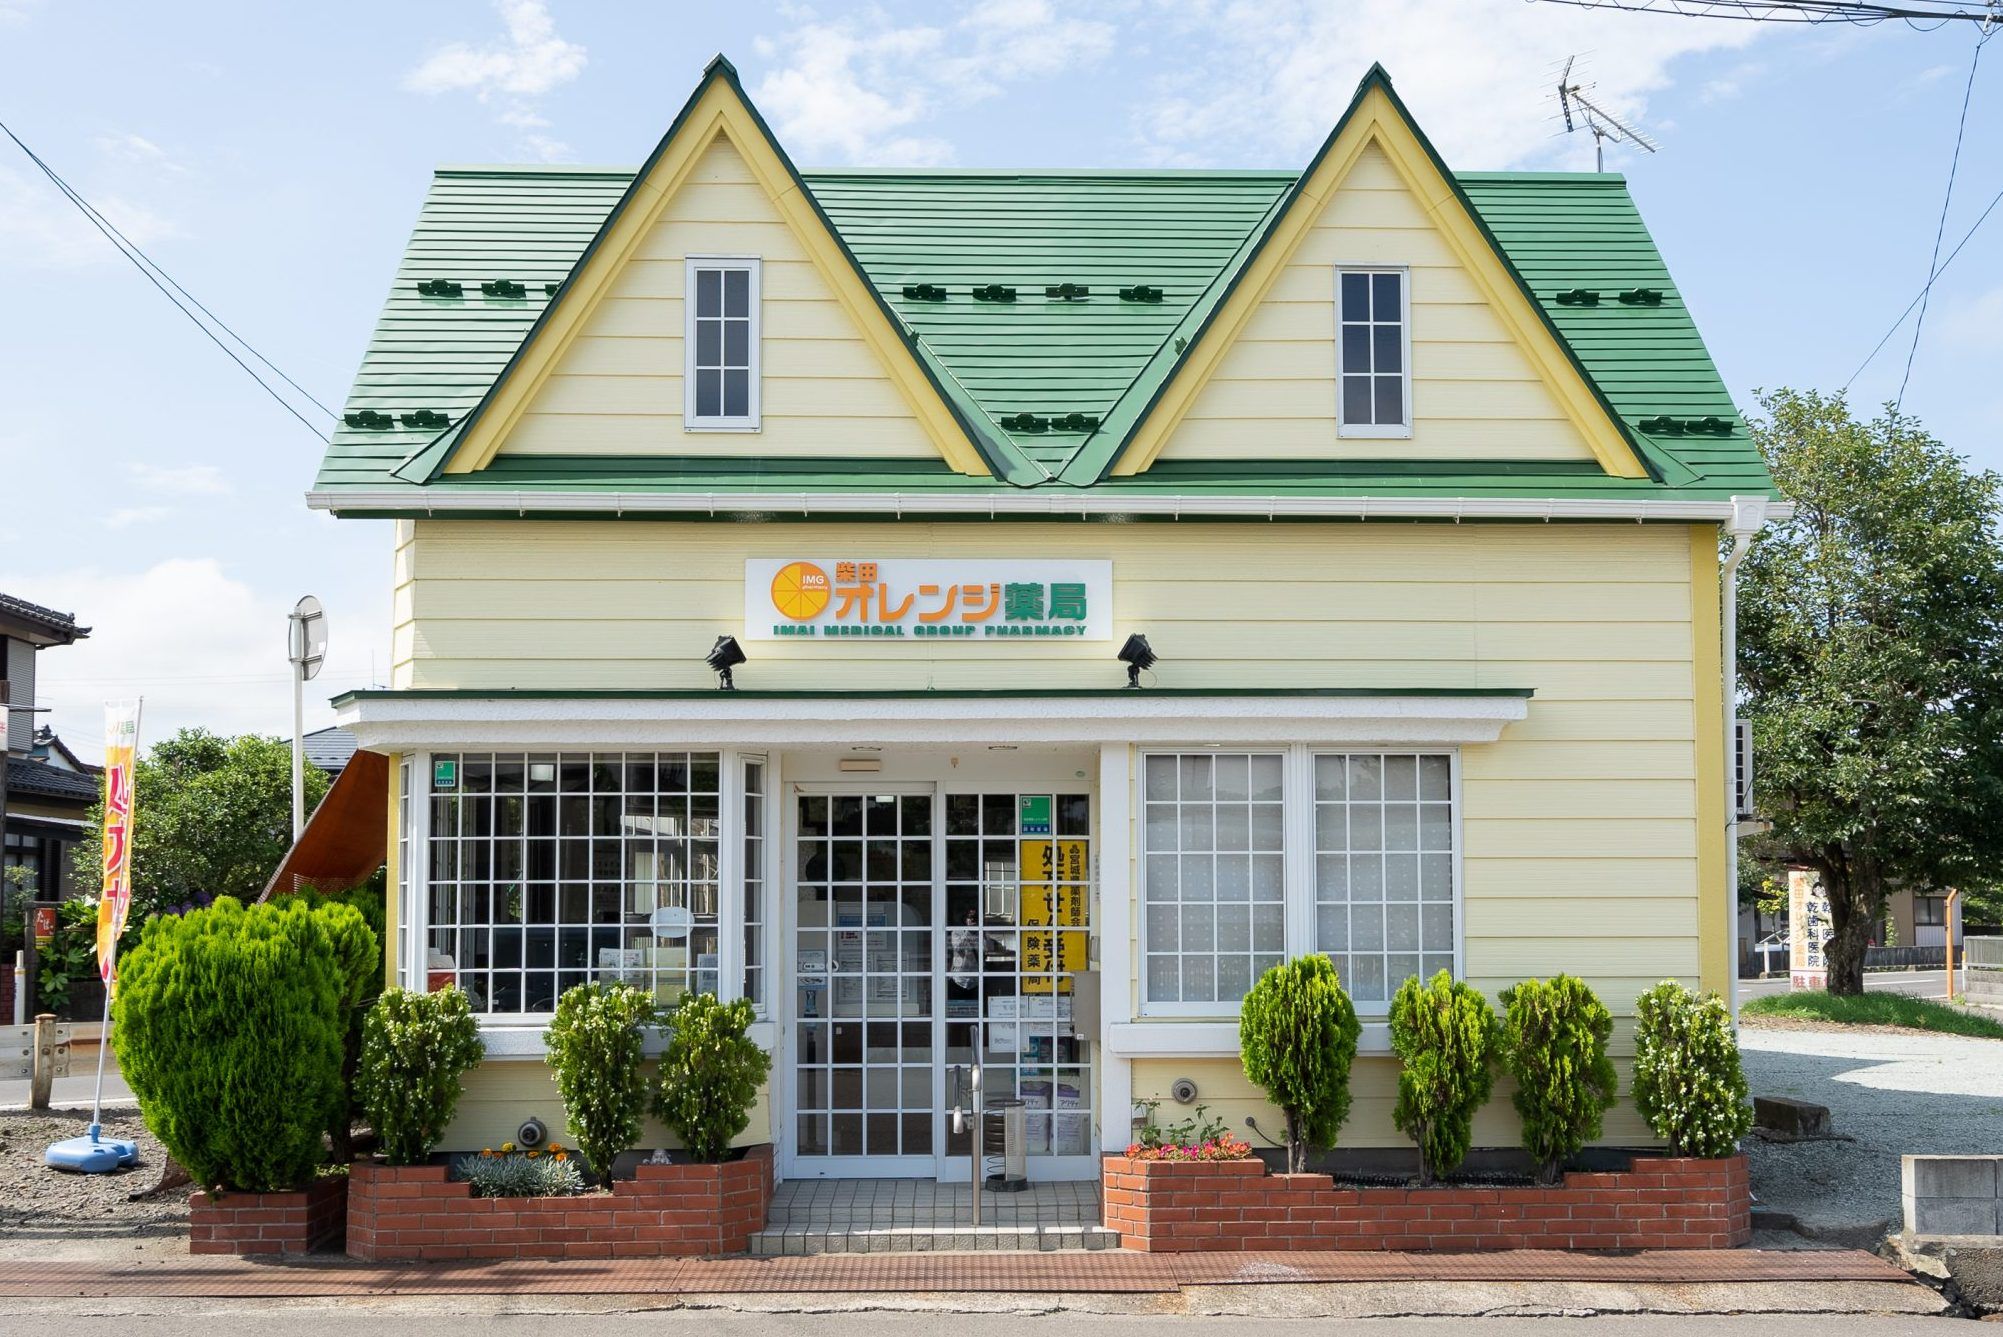 柴田オレンジ薬局|柴田郡で調剤薬局なら、オレンジ薬局